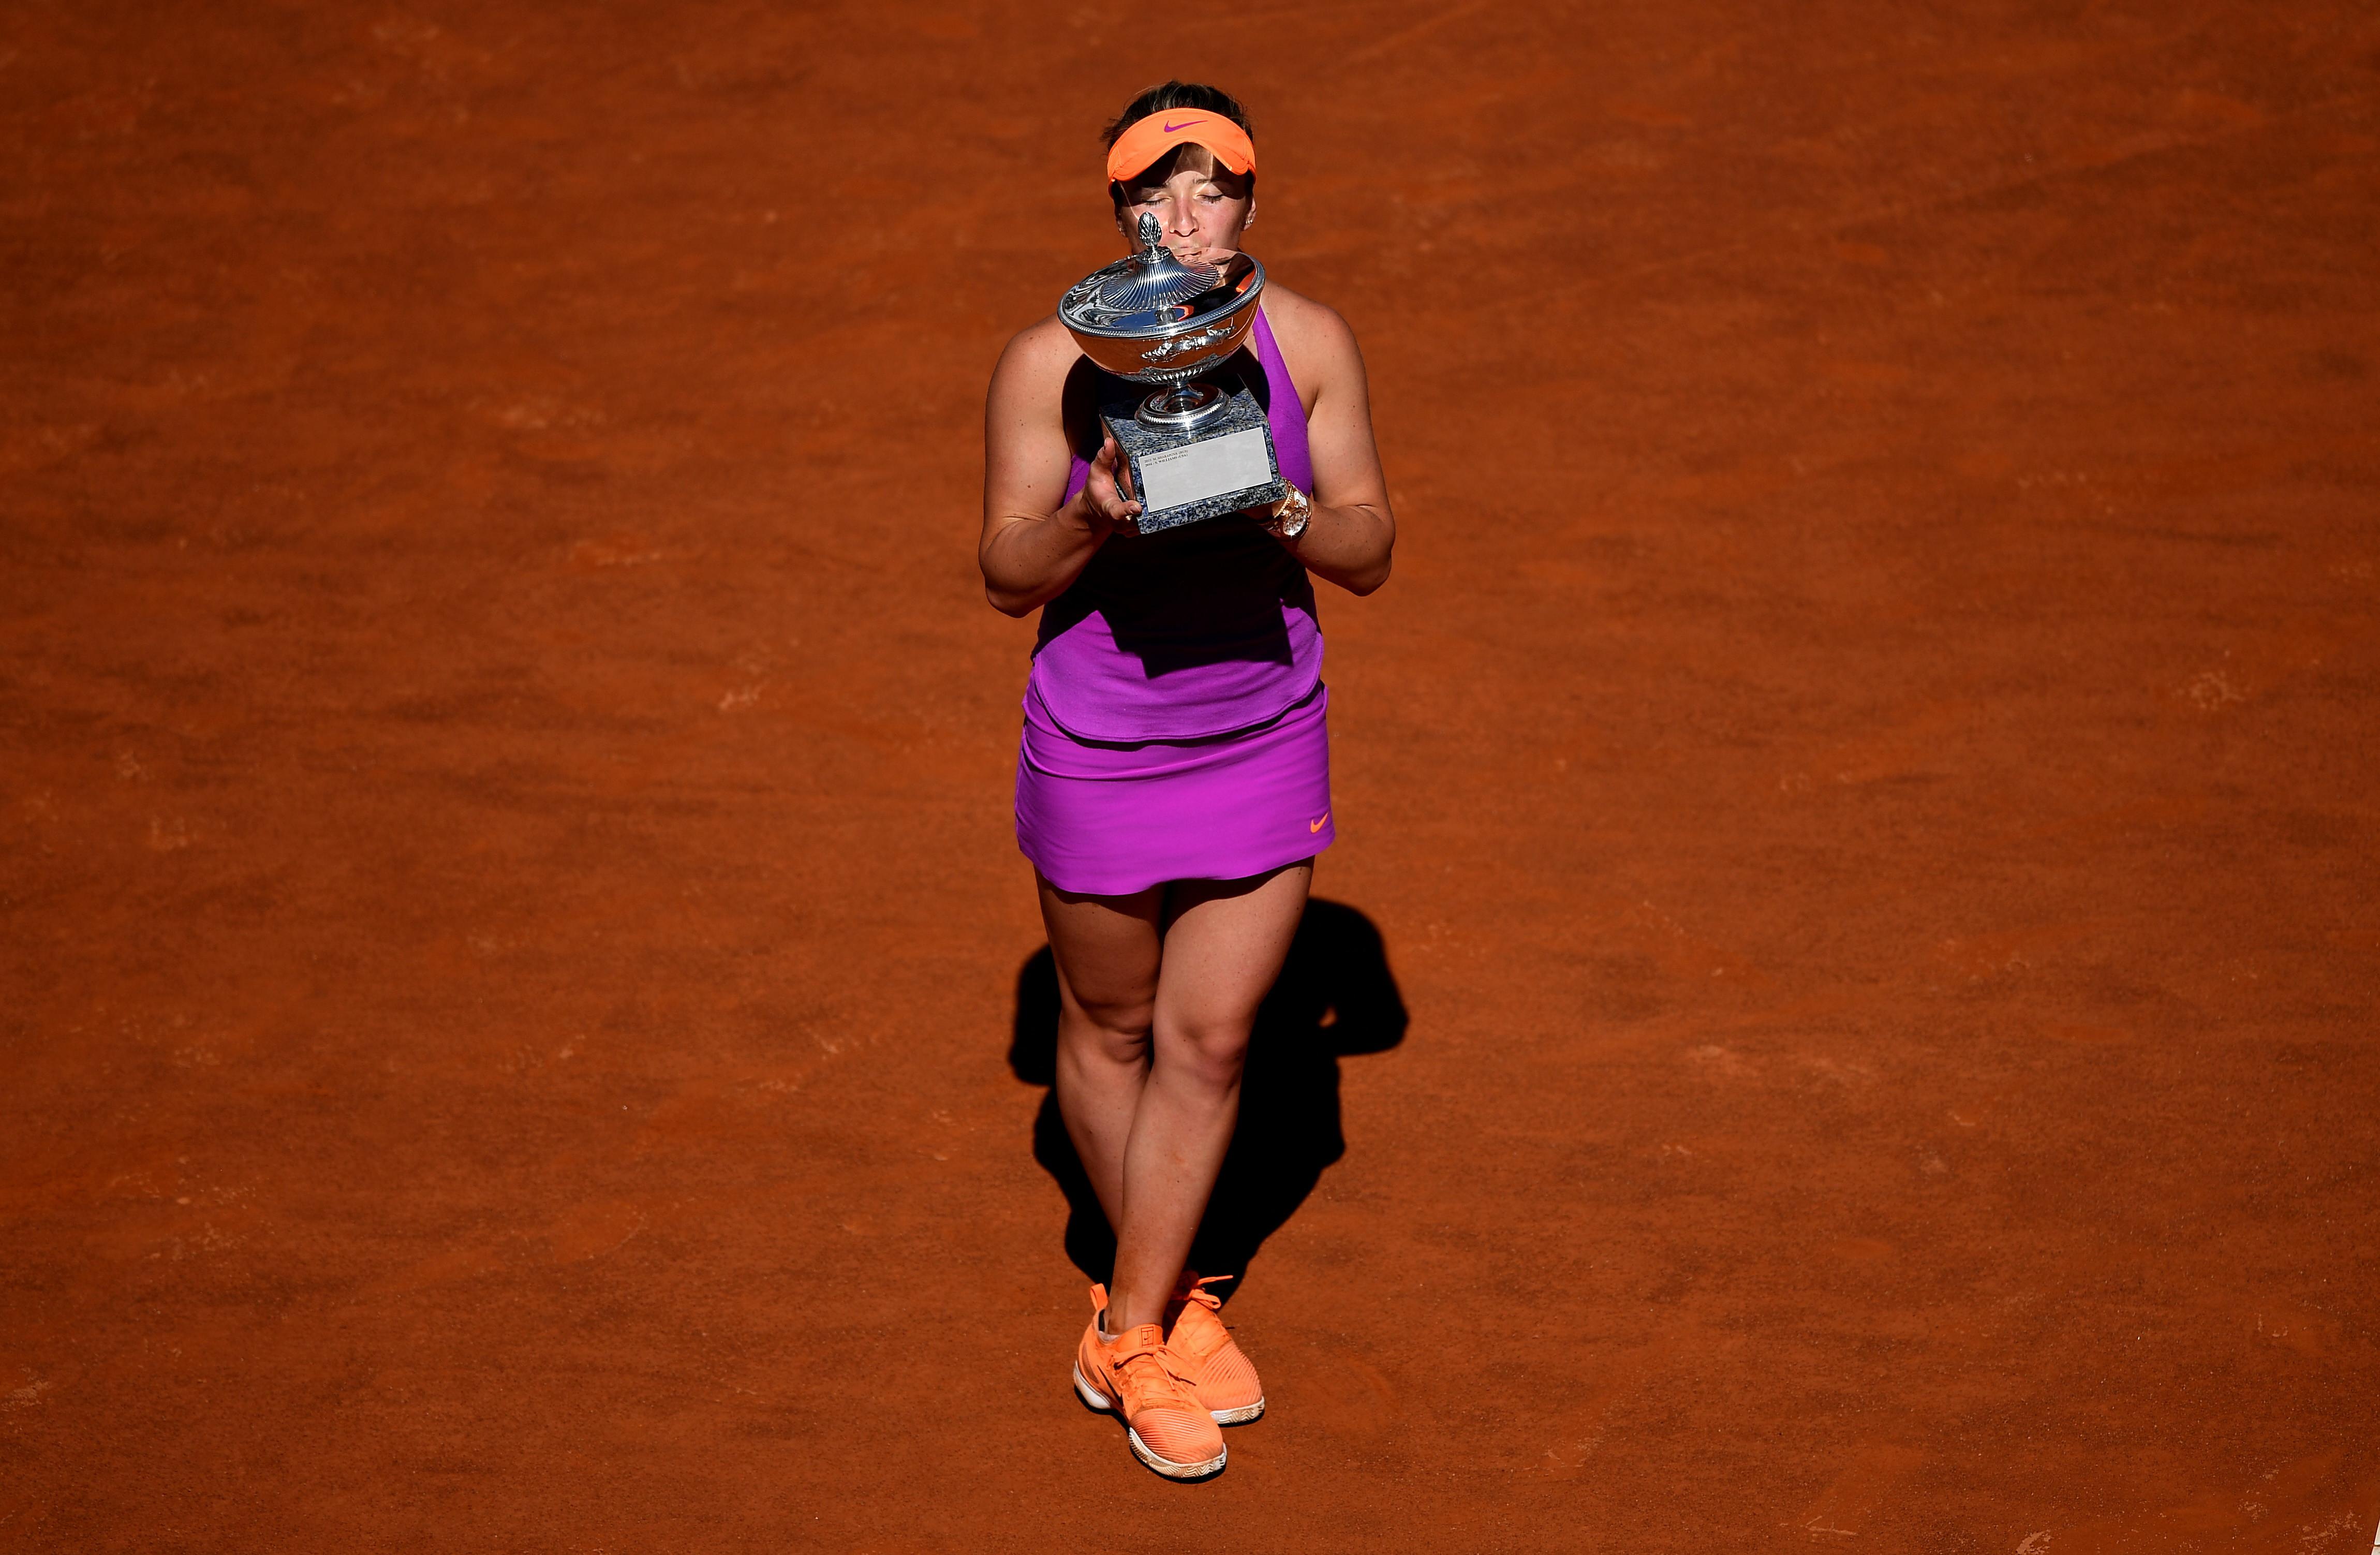 Nei due anni successivi le finali si sono concluse con lo stesso esito: il trionfo di Elina Svitolina sulla rumena Simona Halep.